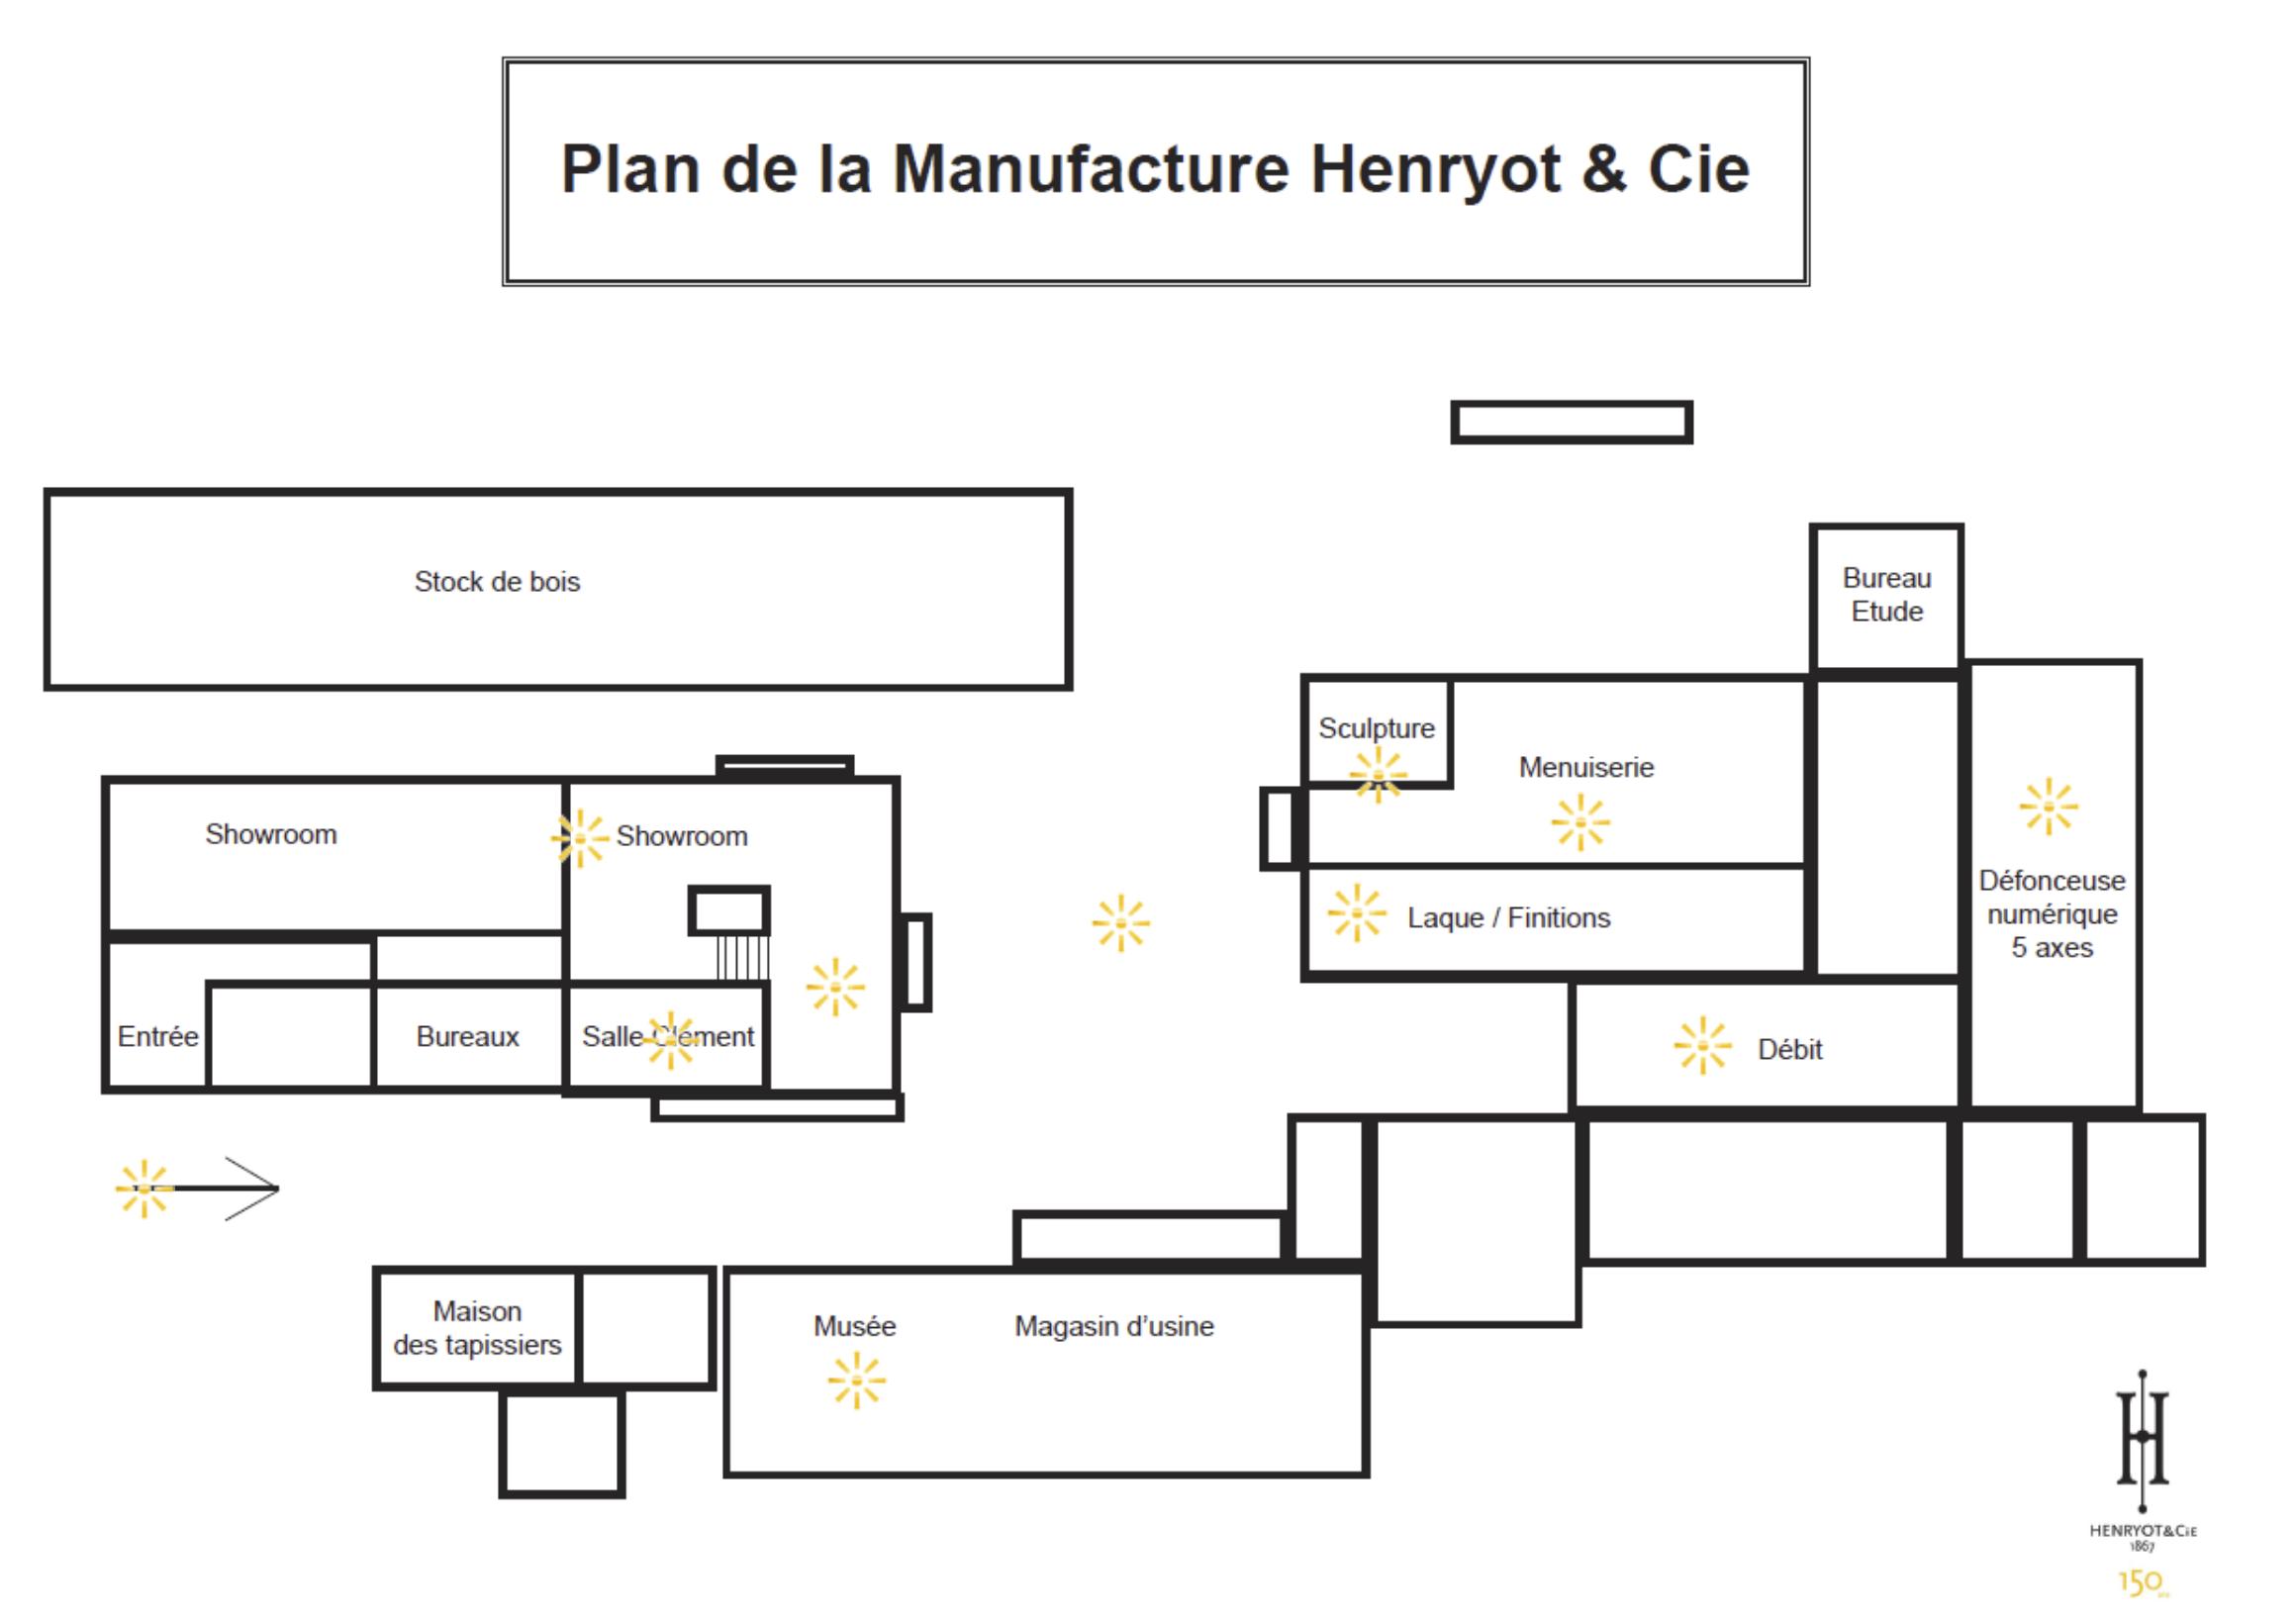 Plan manufacture louis roitel henryot & cie chaises et fauteuils haut de gamme fabrication française